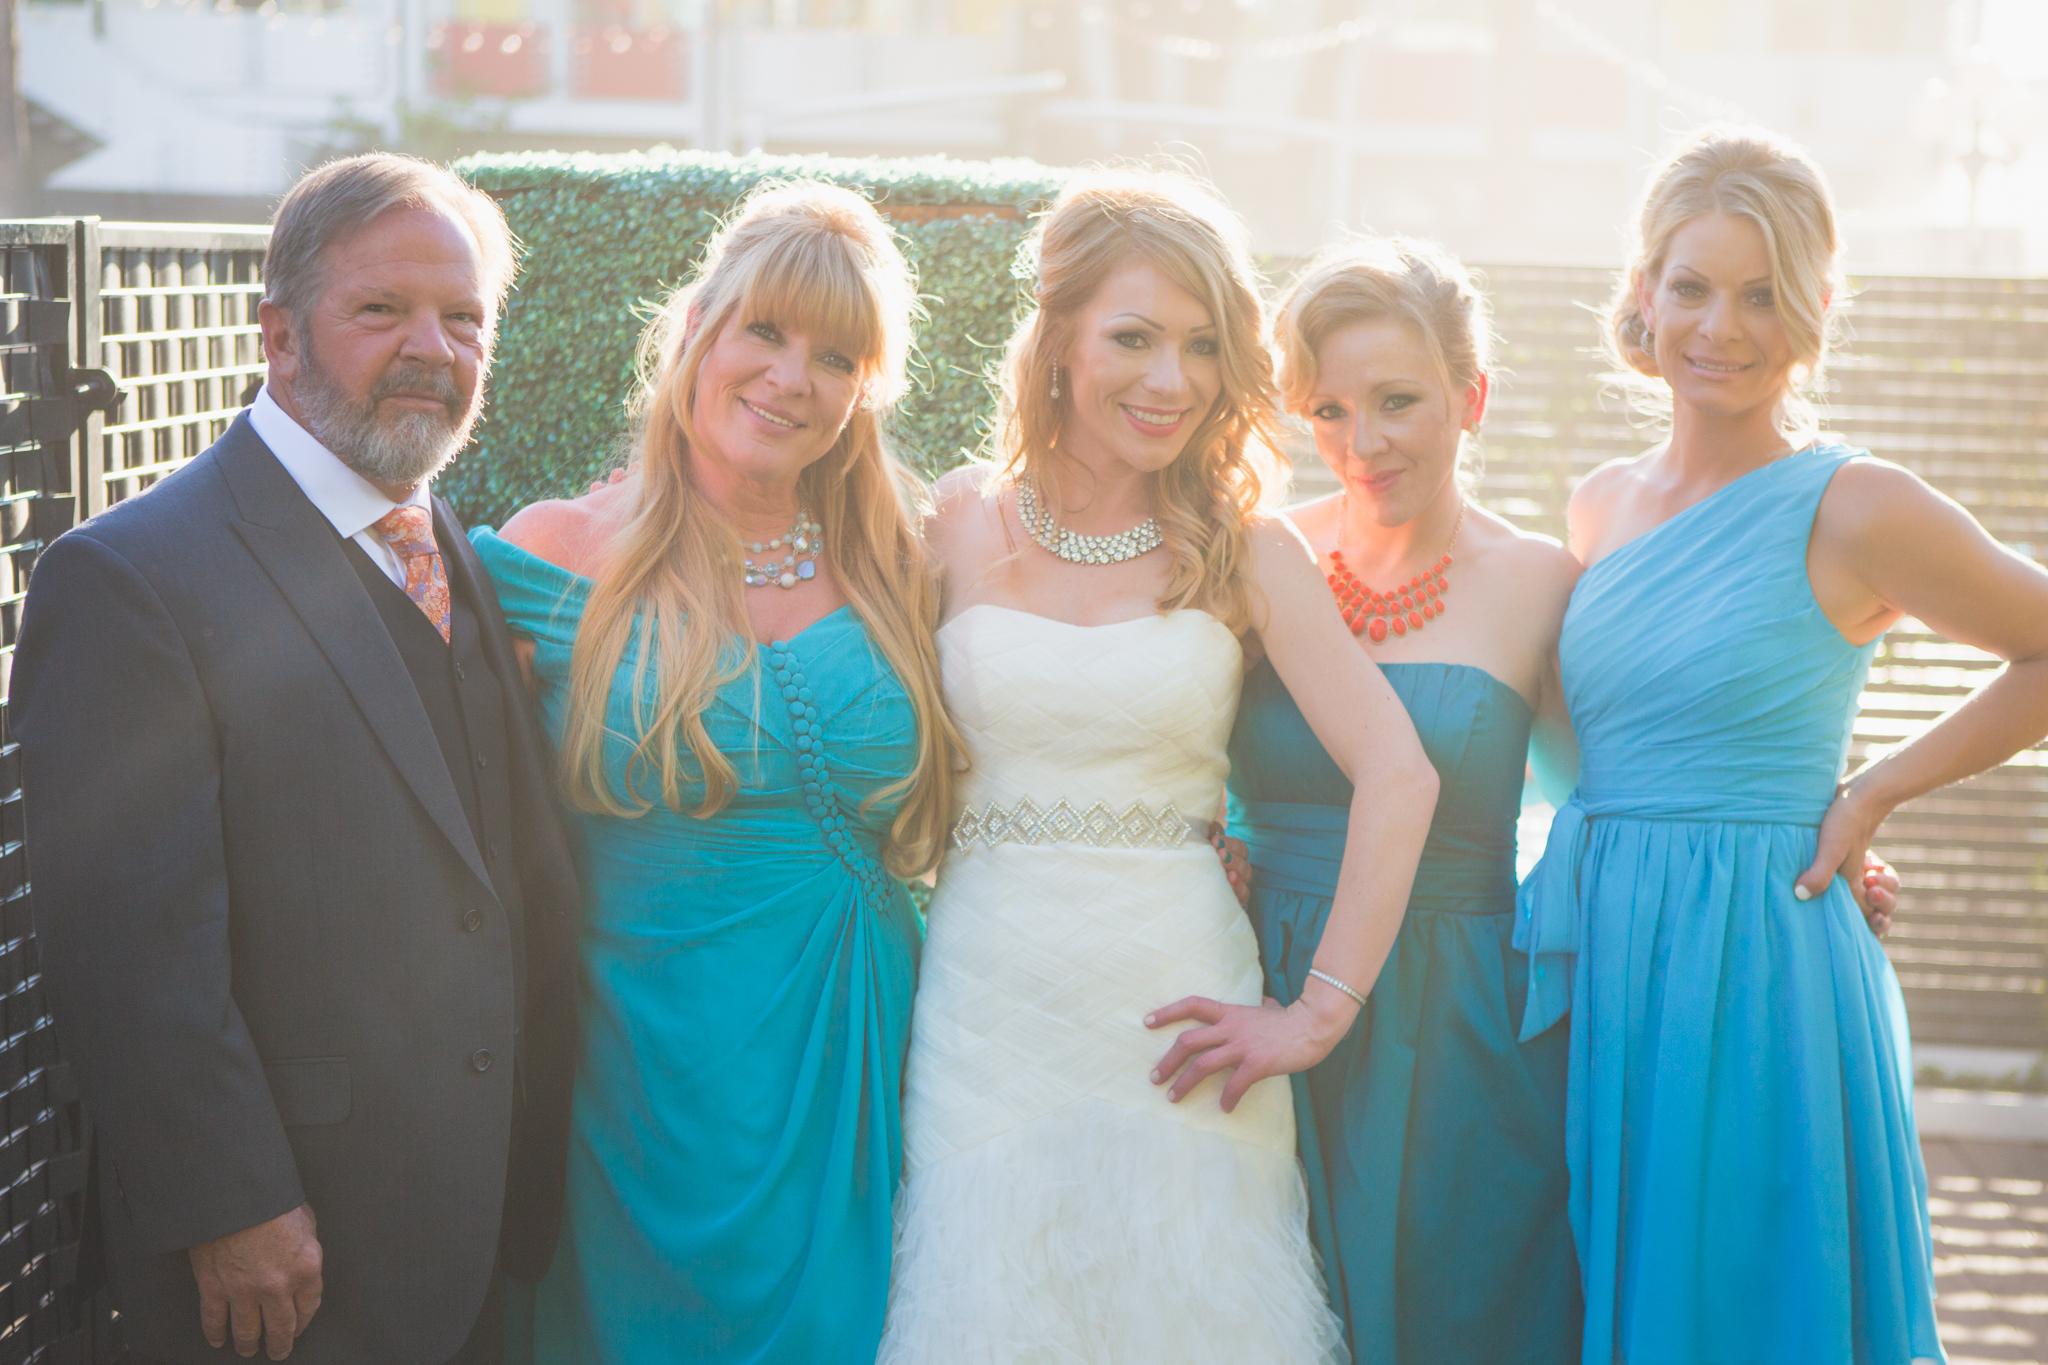 scottsdale-wedding-photographer-el-dorado-bride-mom-dad-sisters-family-shot